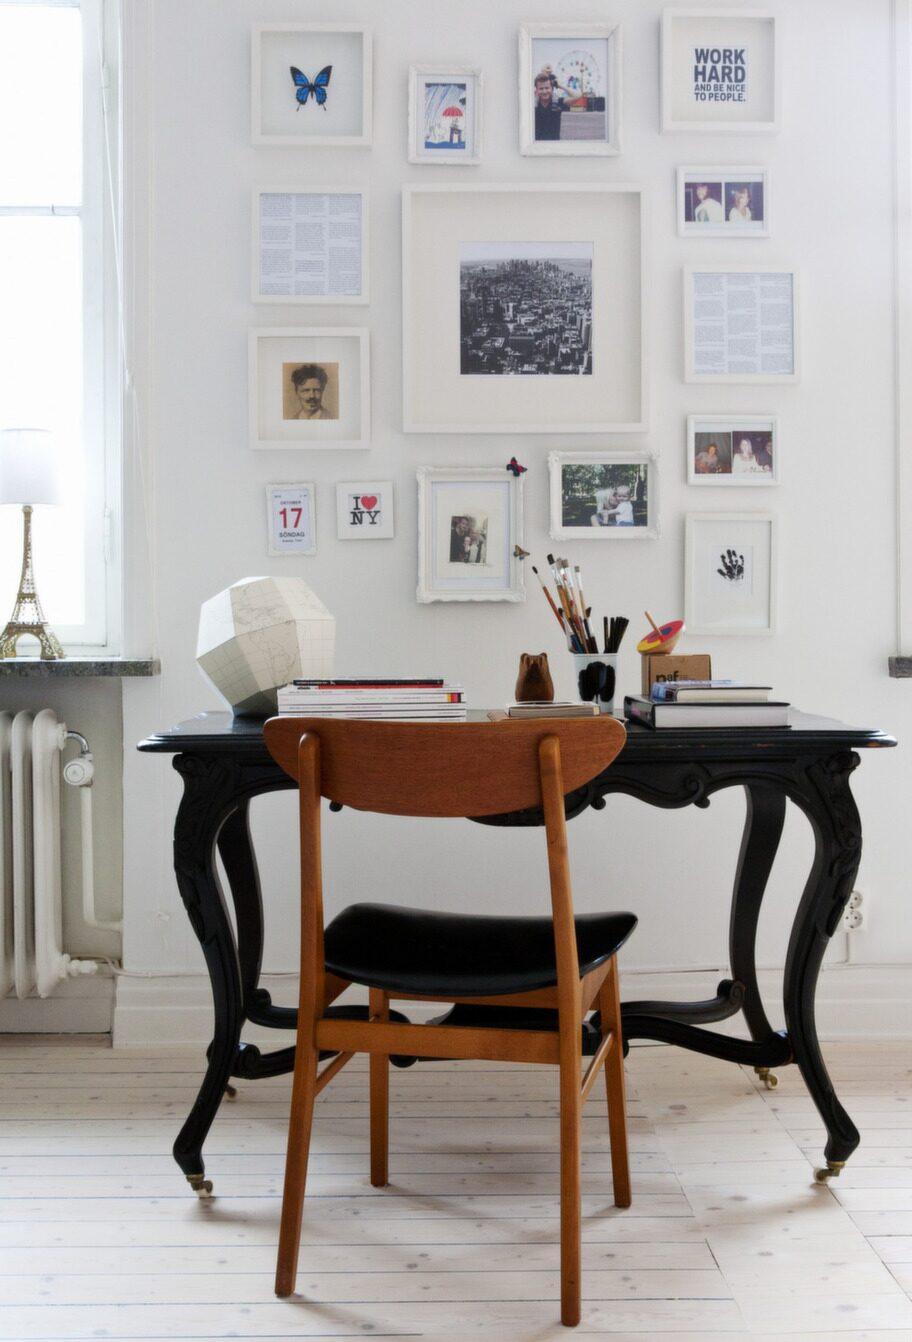 Inramat. Skrivbordet är från en loppis i Kalmar. Det är en fin kontrast till det i övrigt vita rummet. Jordgloben är köpt på museum i New York. Tavelväggen är en vägg av minnen och ord. Den innehåller även citat från Tove Janssons muminböcker och citat från Paul Austers böcker.